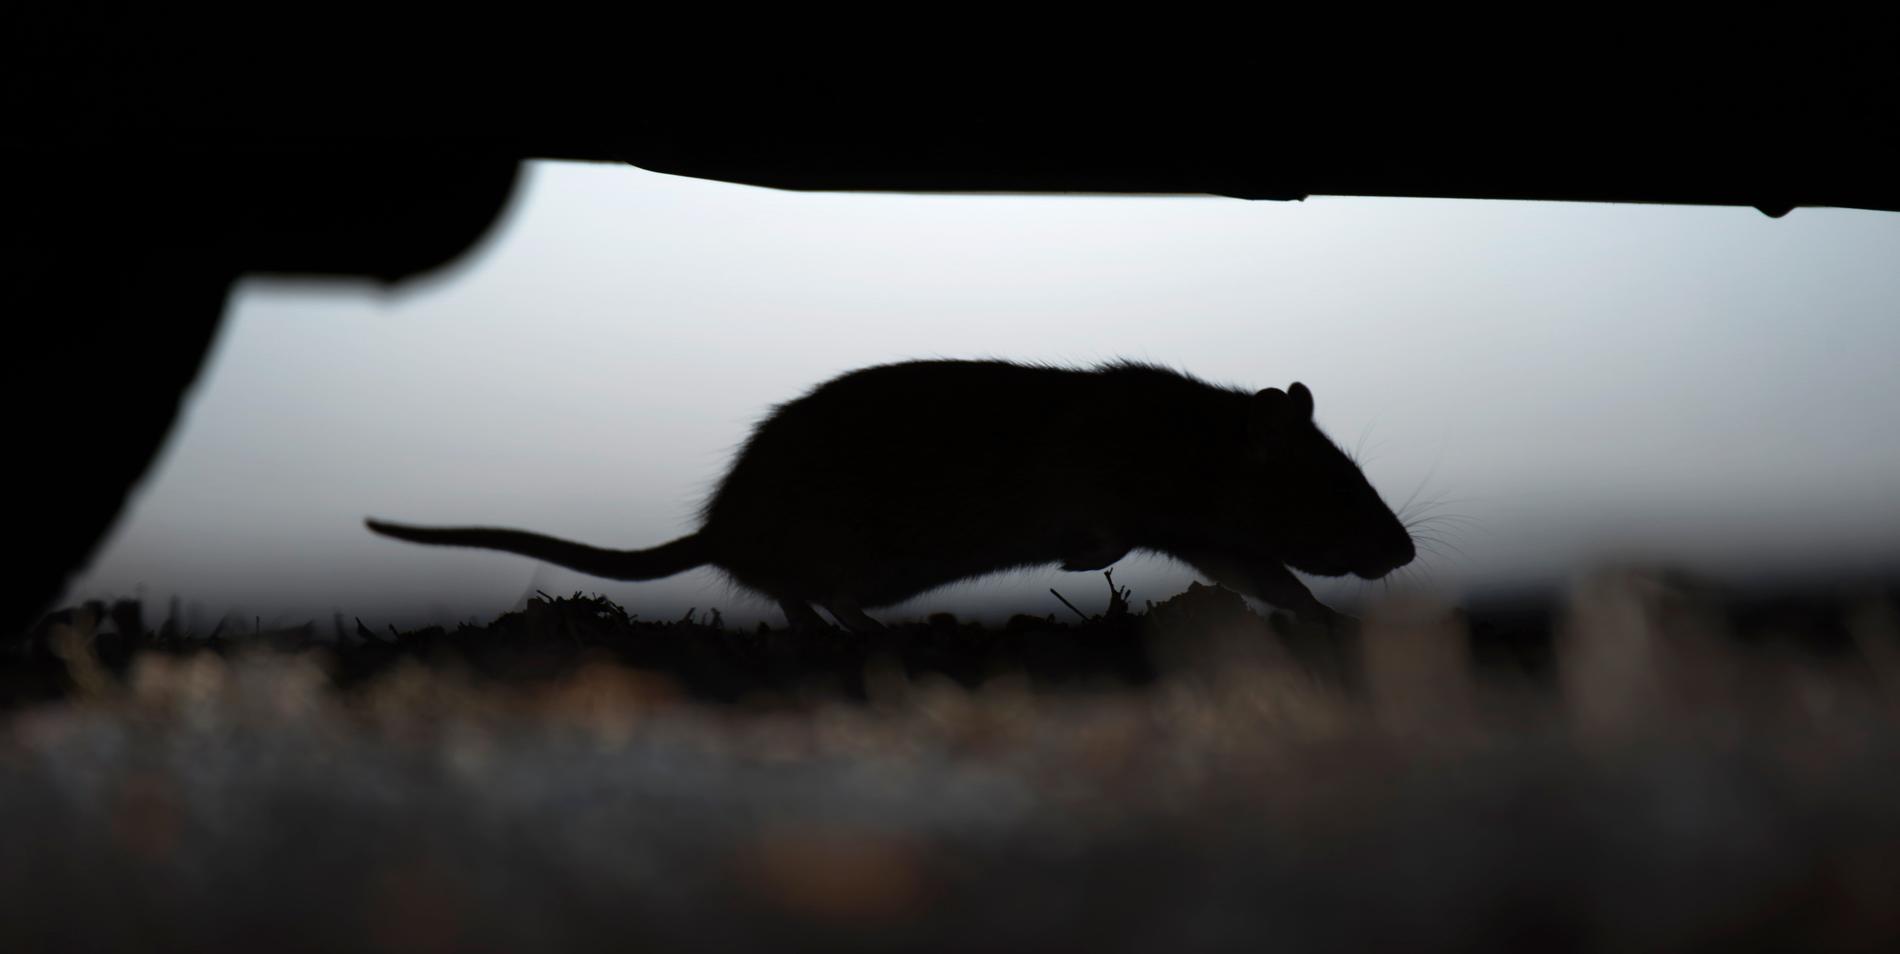 Råttor är ett växande problem i Göteborgsområdet. I fjol fångades över 100000 råttor och möss i Göteborg med kranskommuner. Arkivbild.